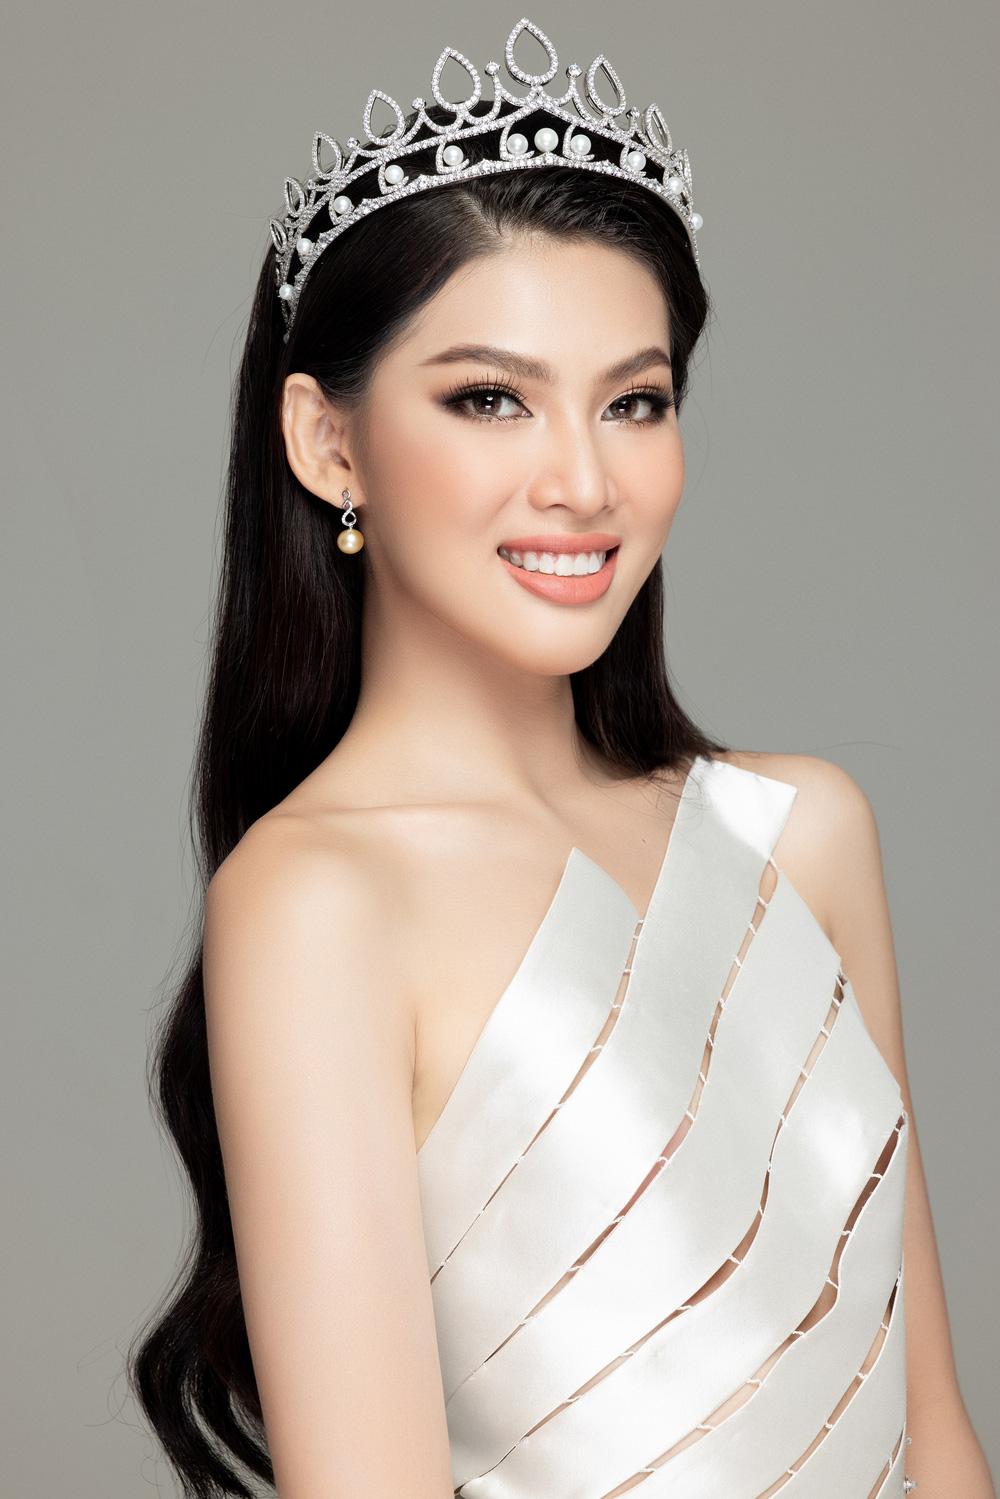 Hoa hậu Đỗ Thị Hà đọ sắc bên hai Á hậu sau 1 tháng đăng quang - Ảnh 14.